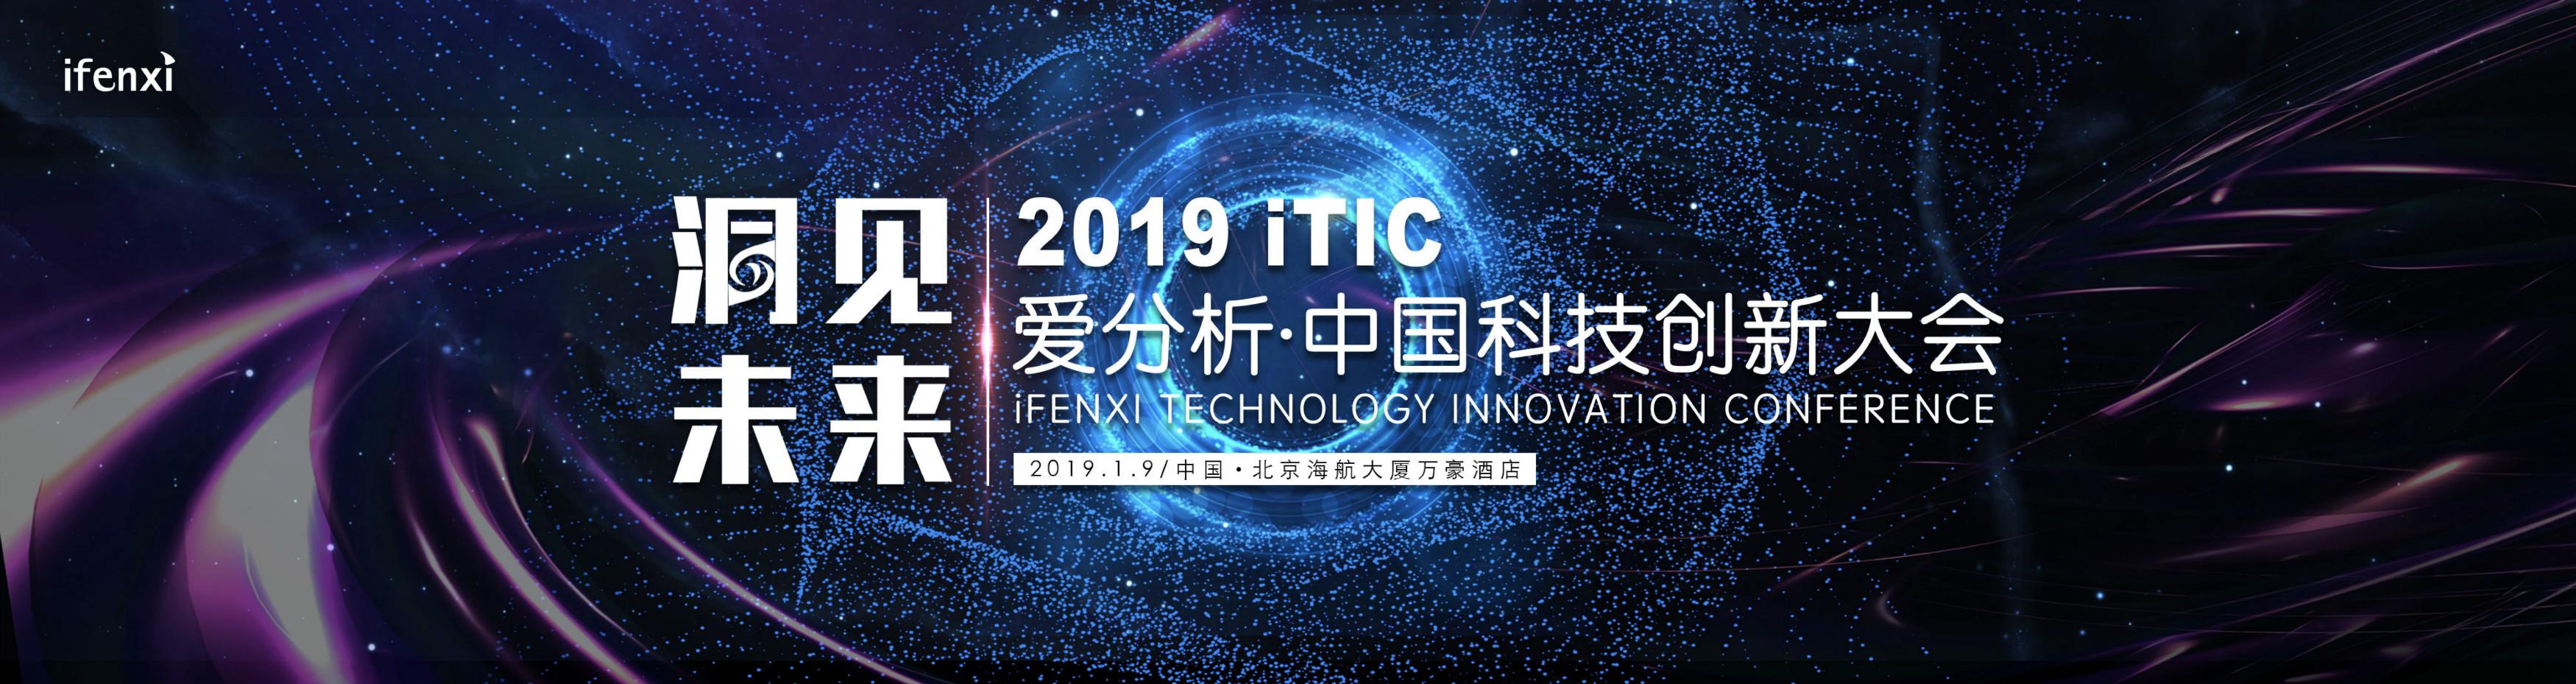 科技创新大会